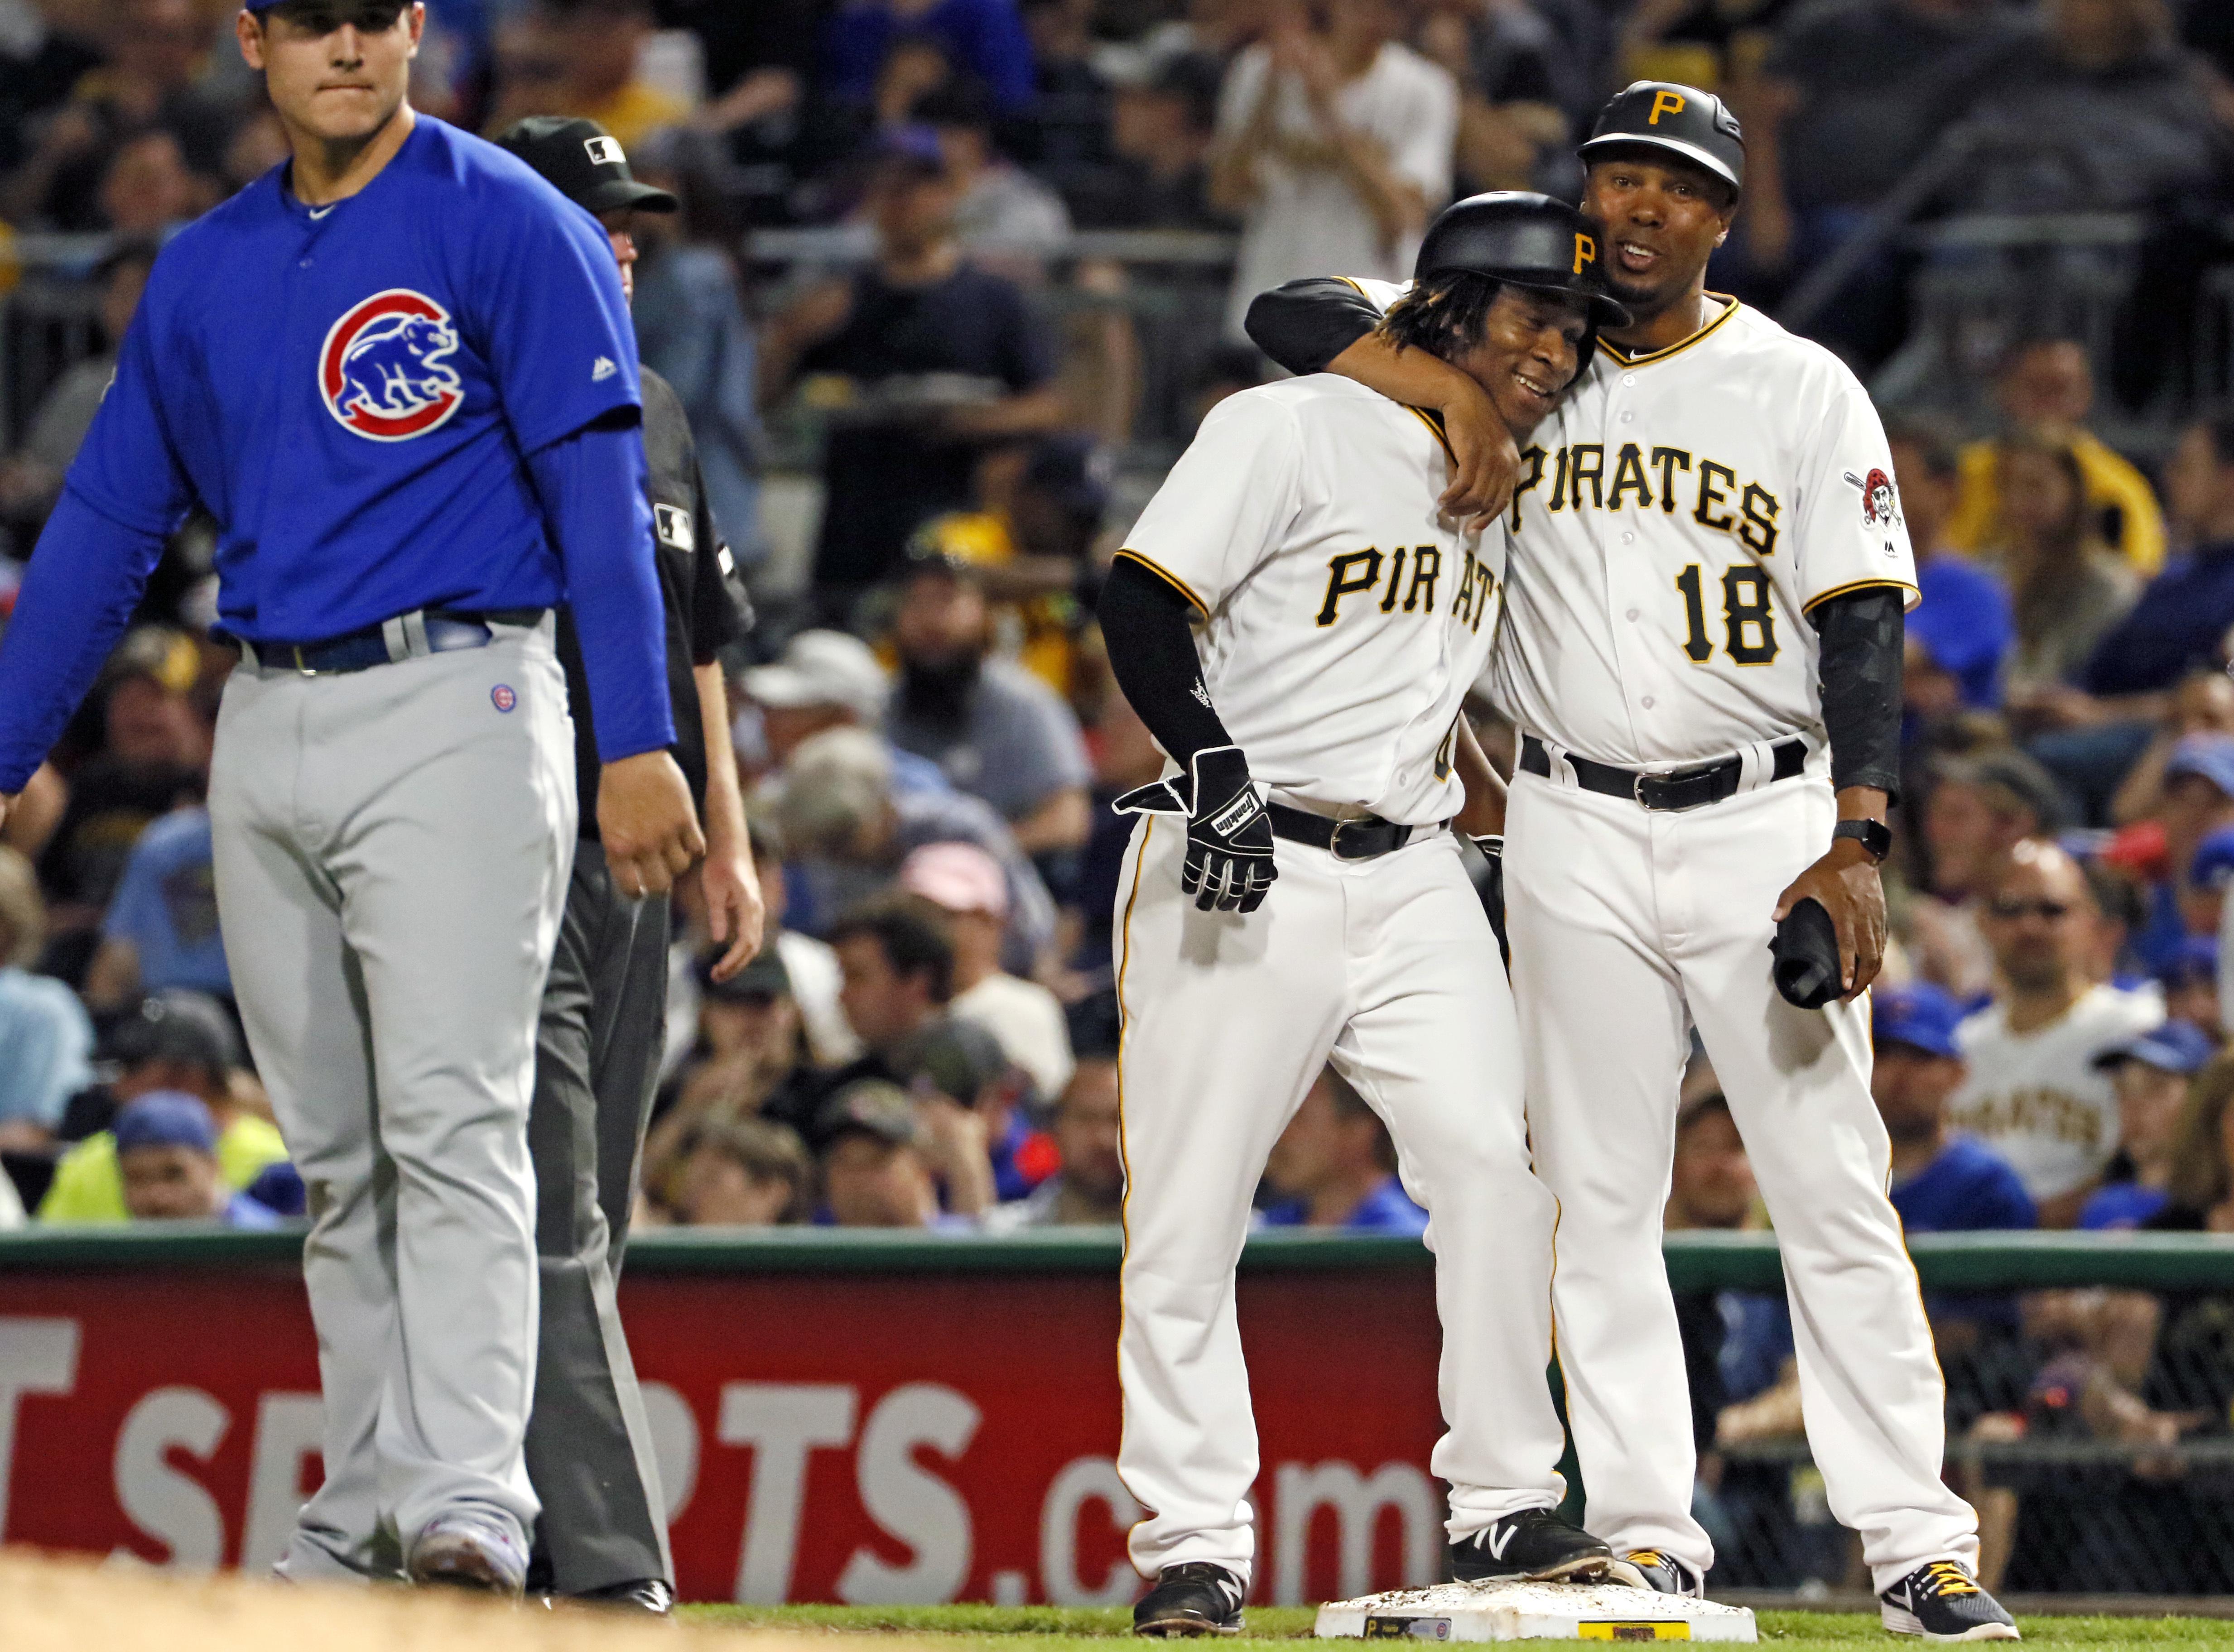 Cubs_pirates_baseball_89231